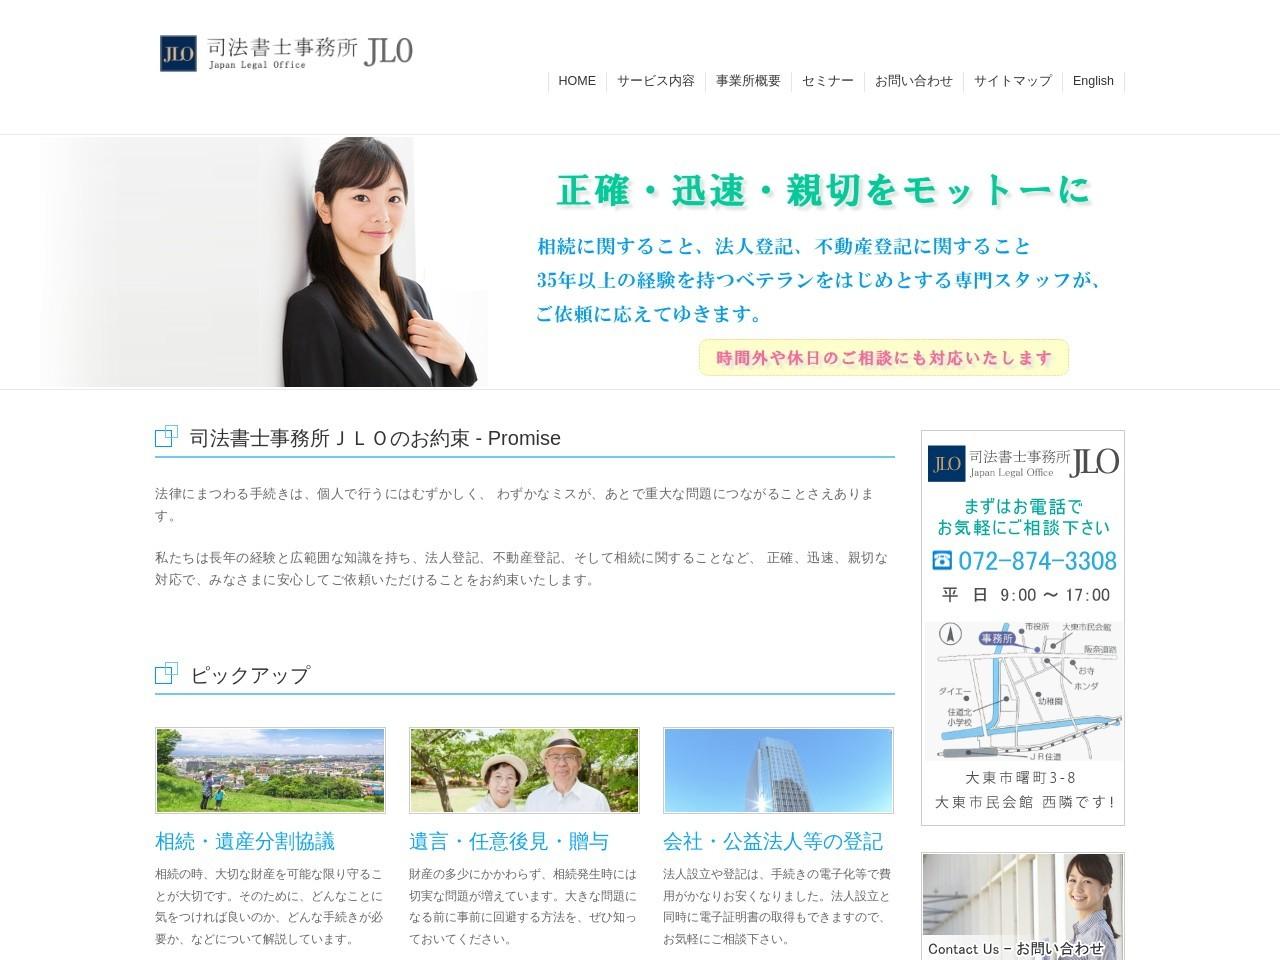 川村常雄事務所